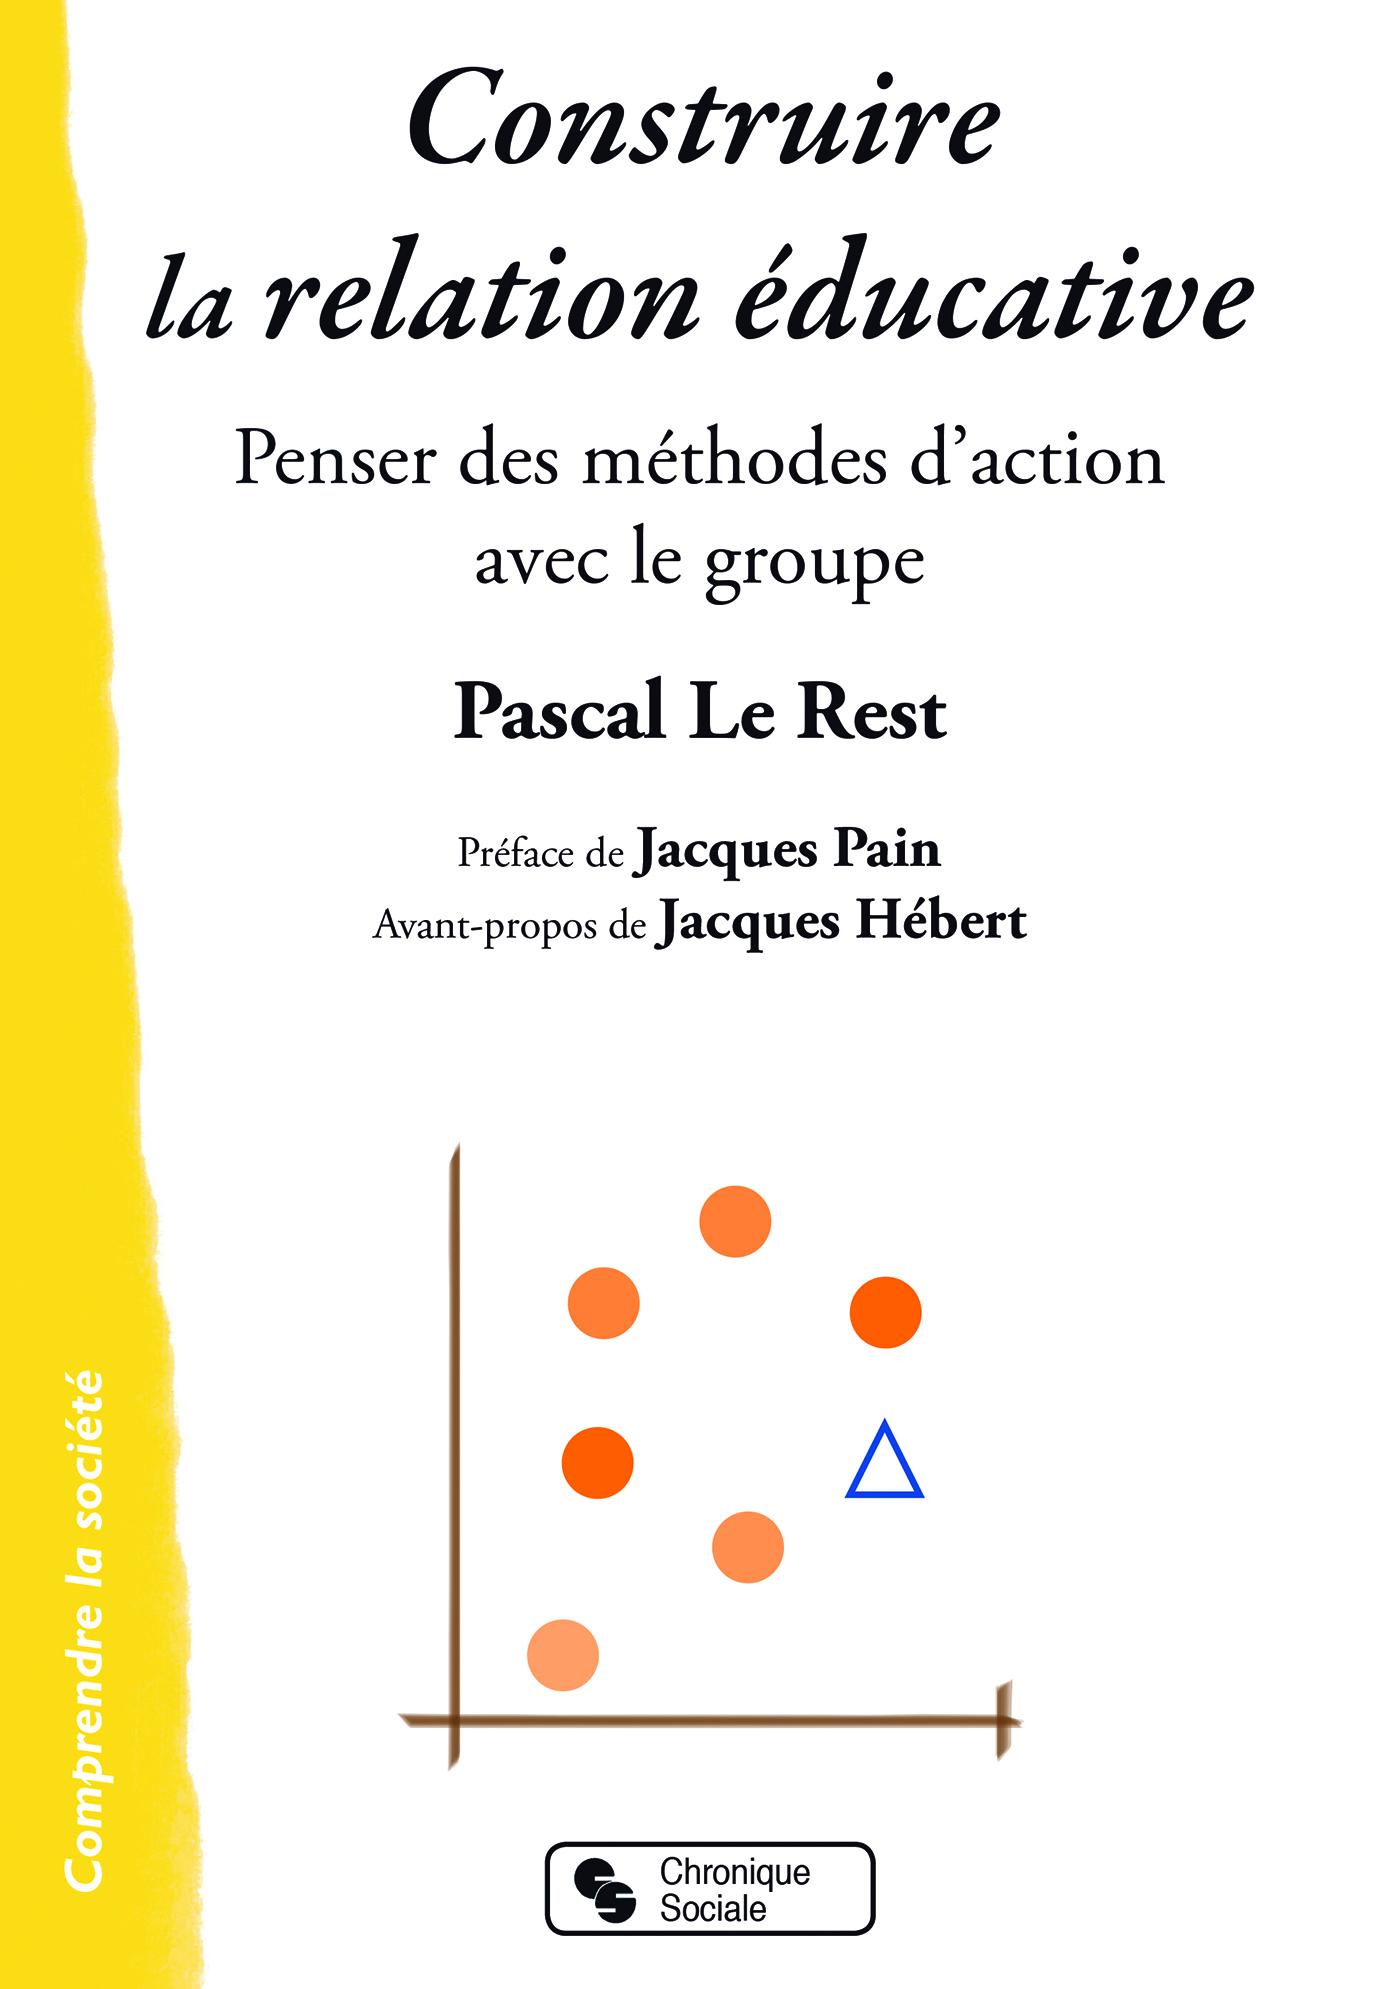 CONSTRUIRE LA RELATION EDUCATIVE